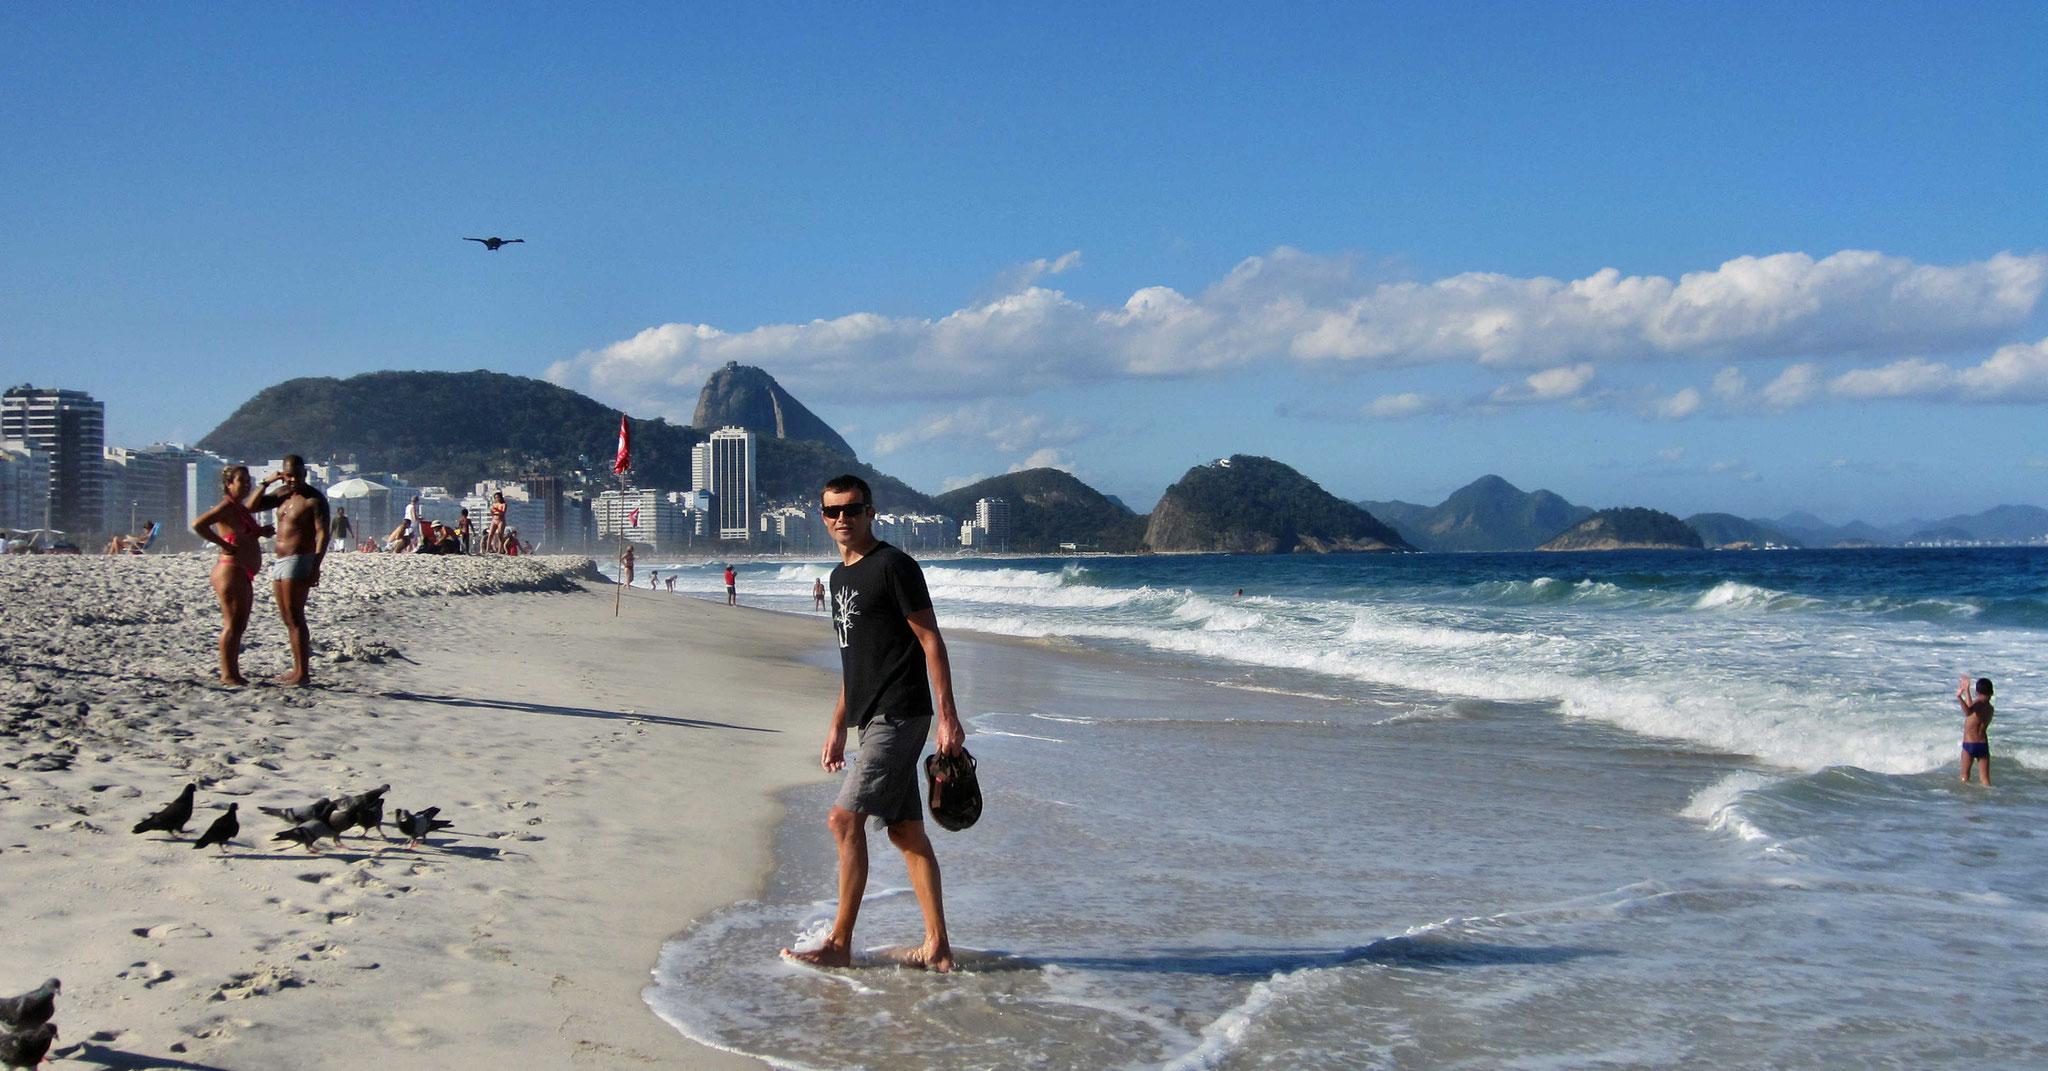 Noch keinen Kilometer geradelt und schon an der Copacabana flanieren...